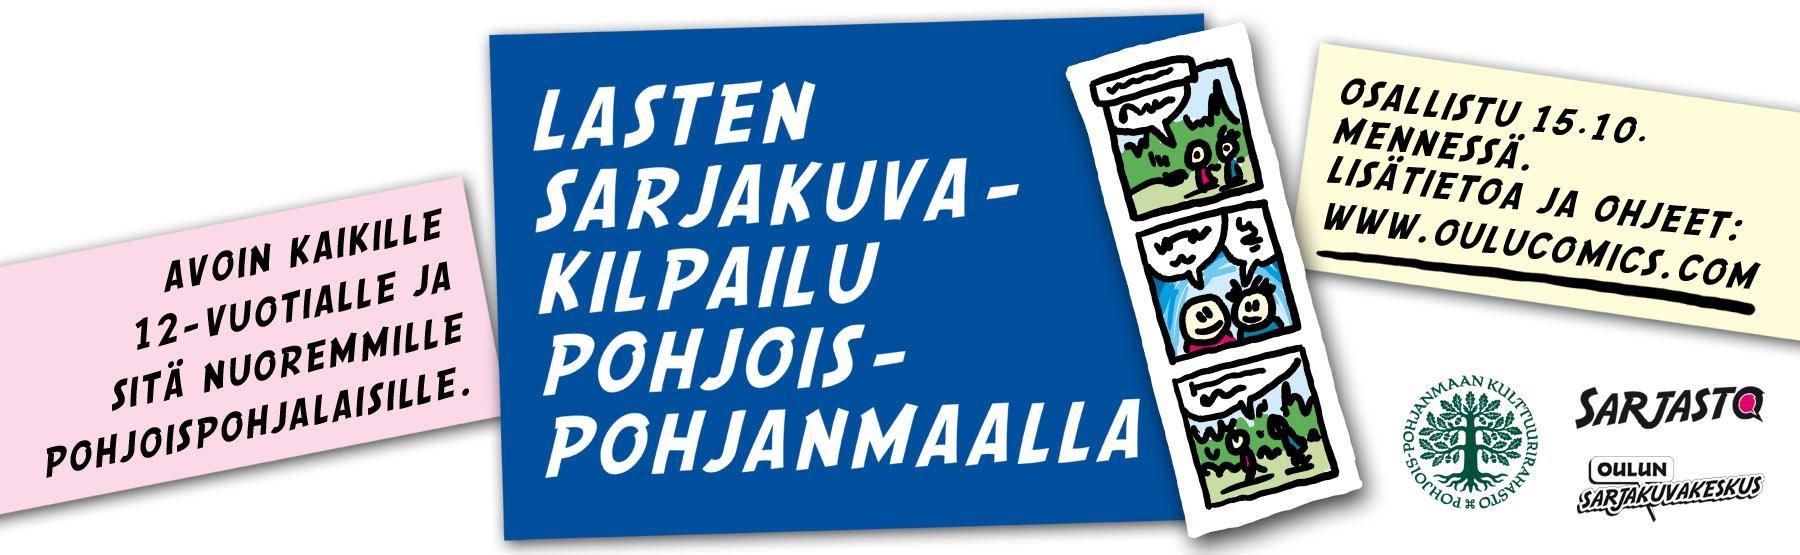 Lasten Sarjakuvakilpailu Pohjois-Pohjanmaalla 2020